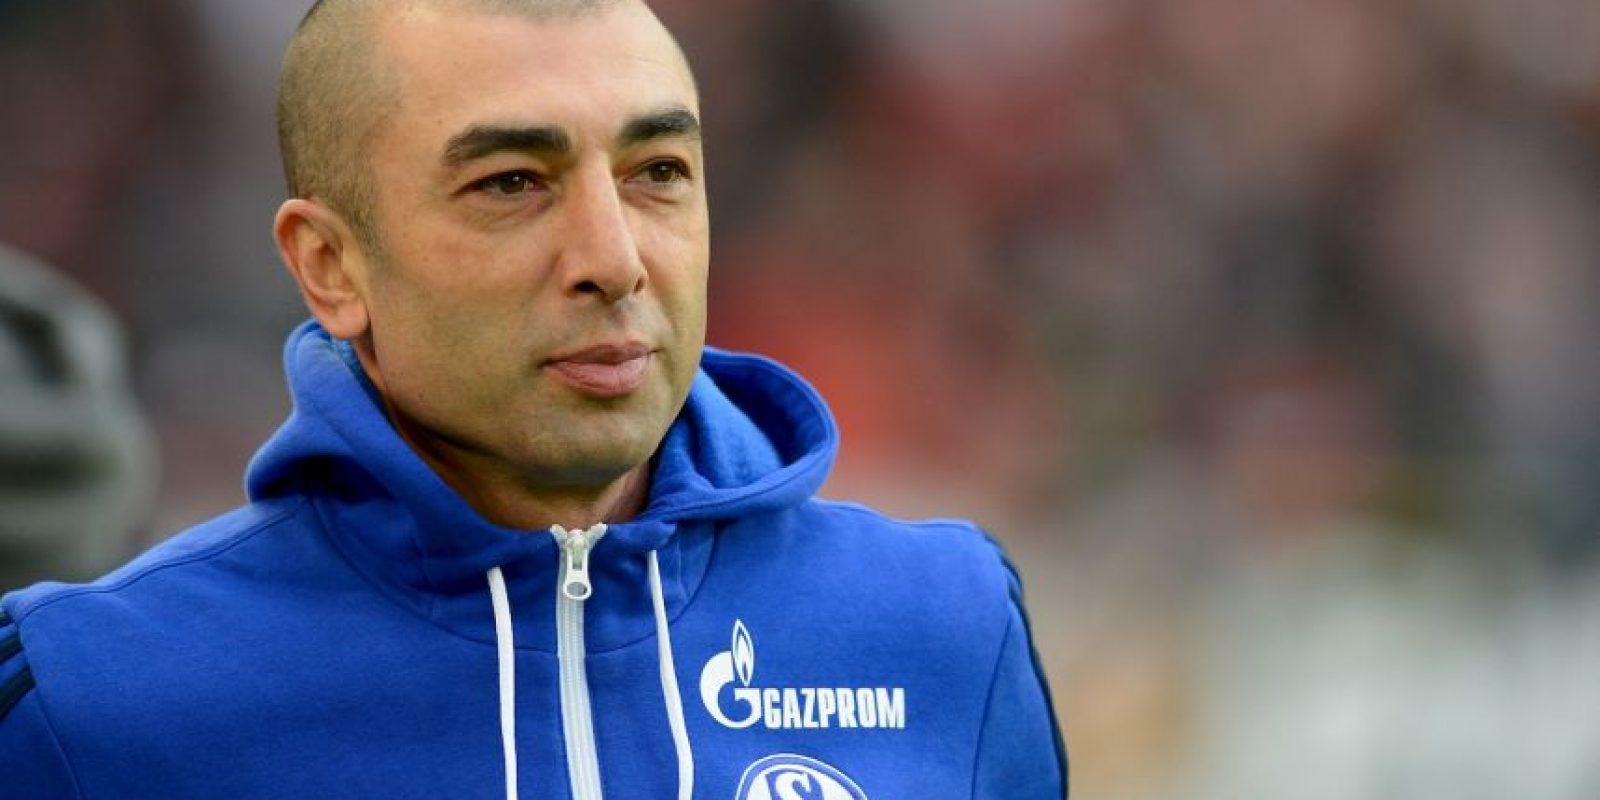 Su último equipo fue el Schalke 04, el cual dejó en 2015. Foto:Getty Images